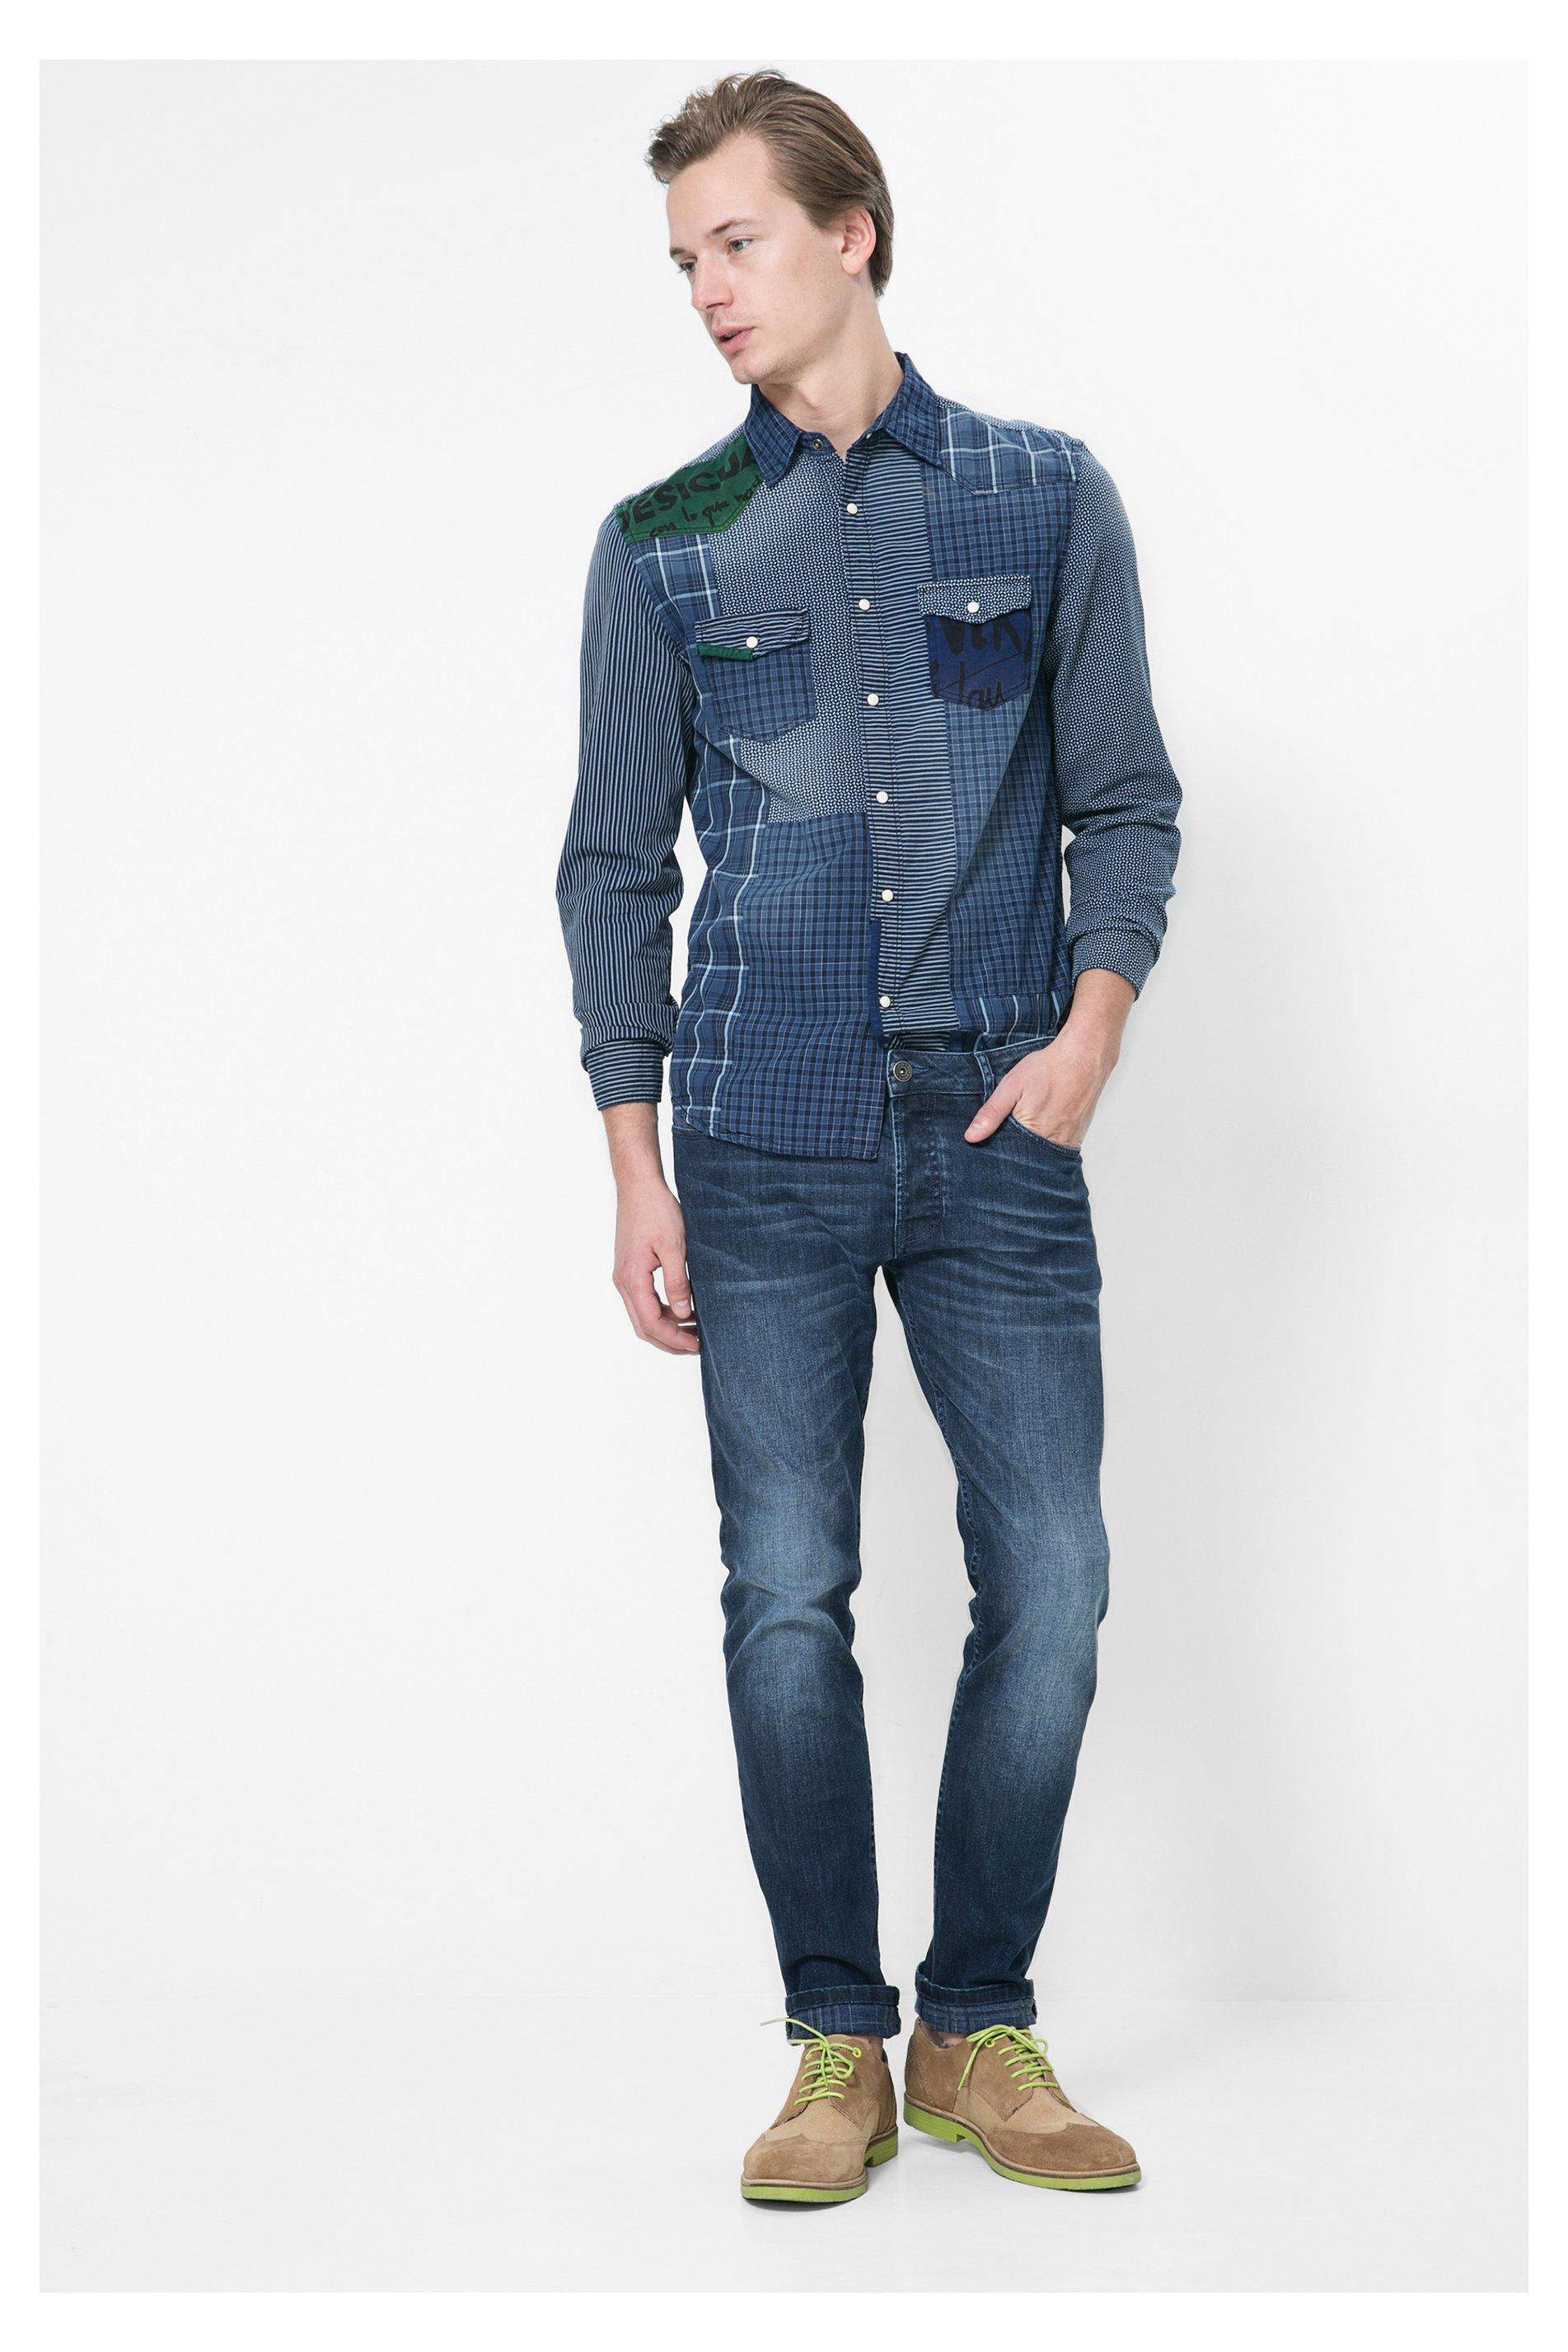 desigual jean bleu homme printed check misscotedeco. Black Bedroom Furniture Sets. Home Design Ideas